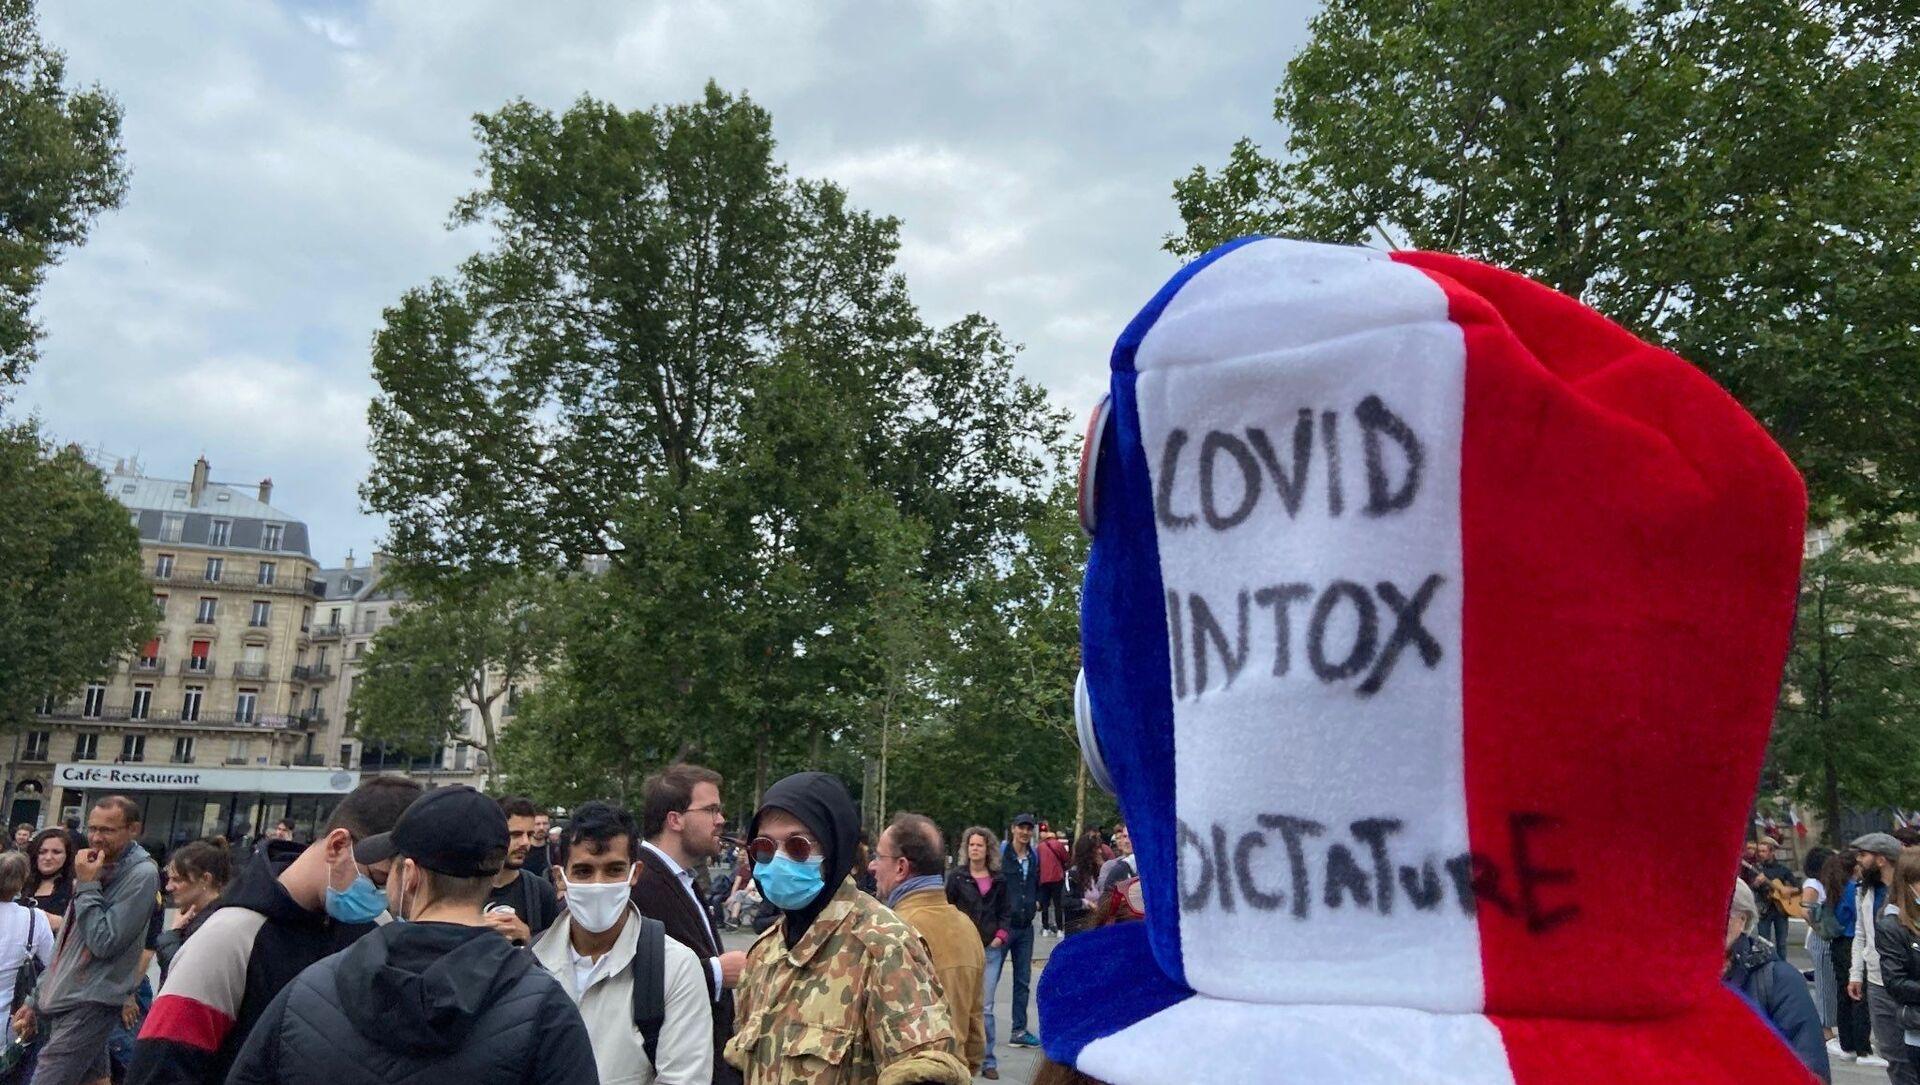 Manifestation contre le pass sanitaire, place de la République à Paris, 14 juillet 2021 - Sputnik France, 1920, 14.08.2021